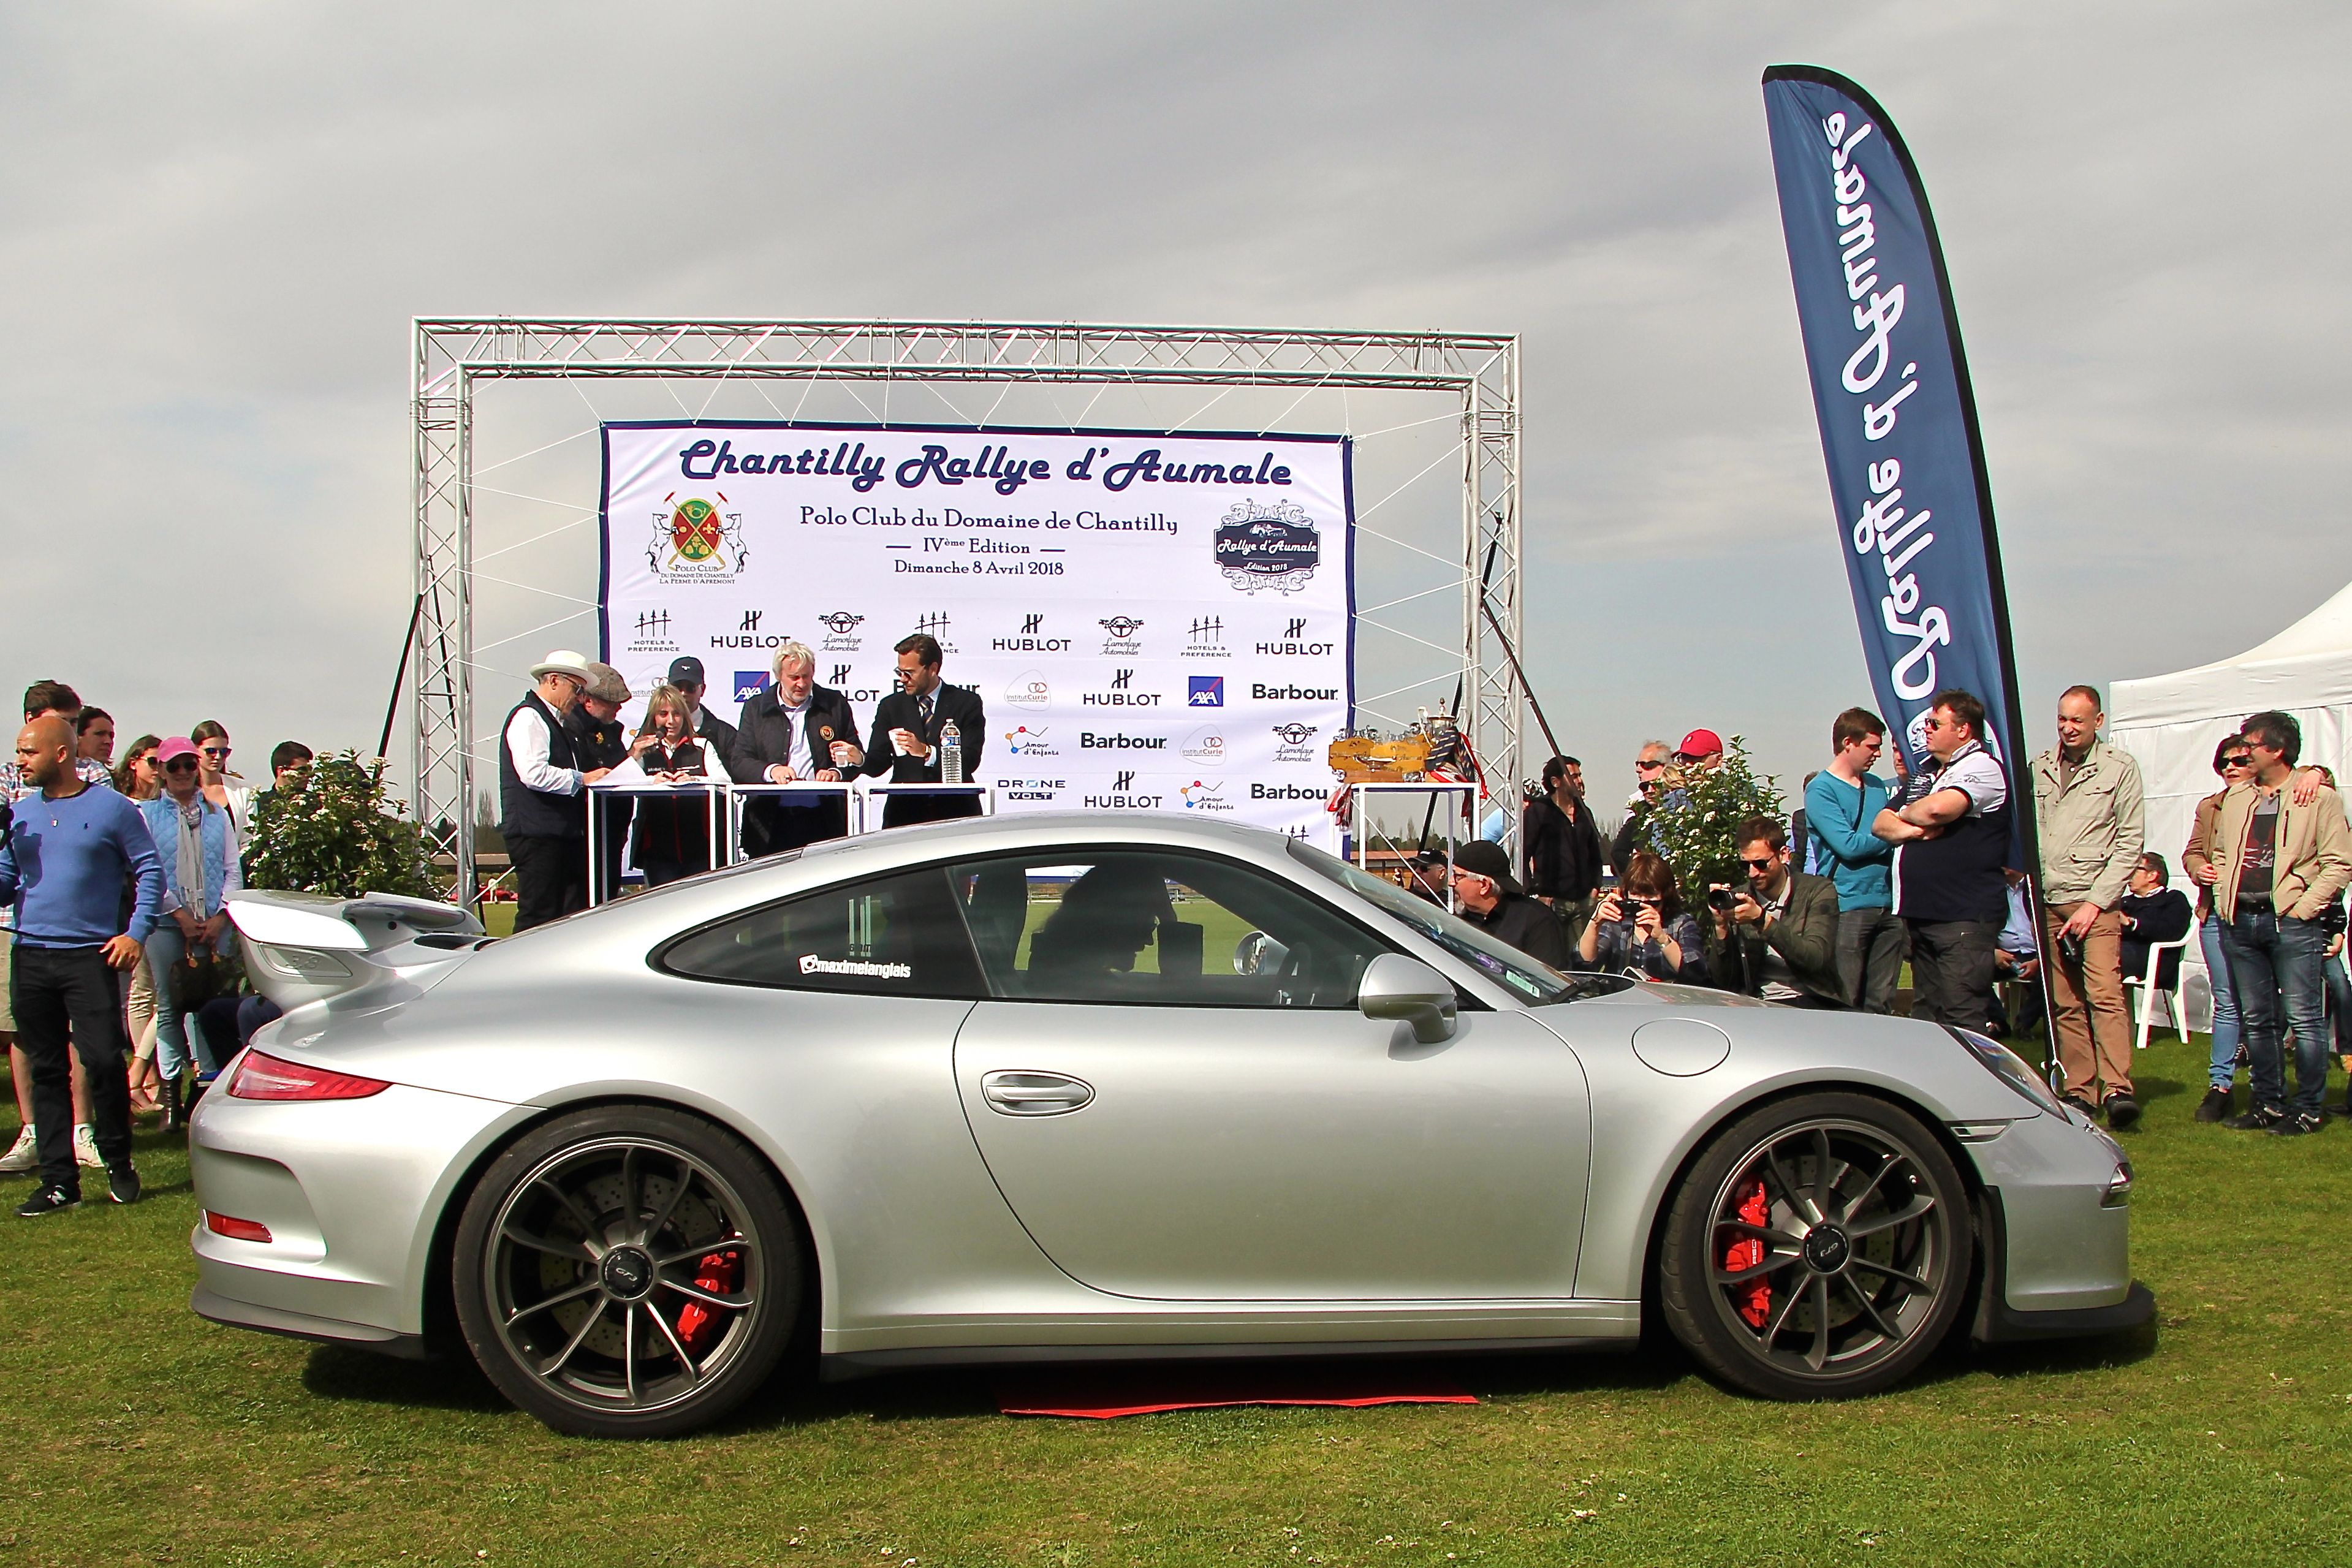 Porsche 991 GT3 - Concours d'Elégance - Rallye d'Aumale 2018 - photo Ludo Ferrari